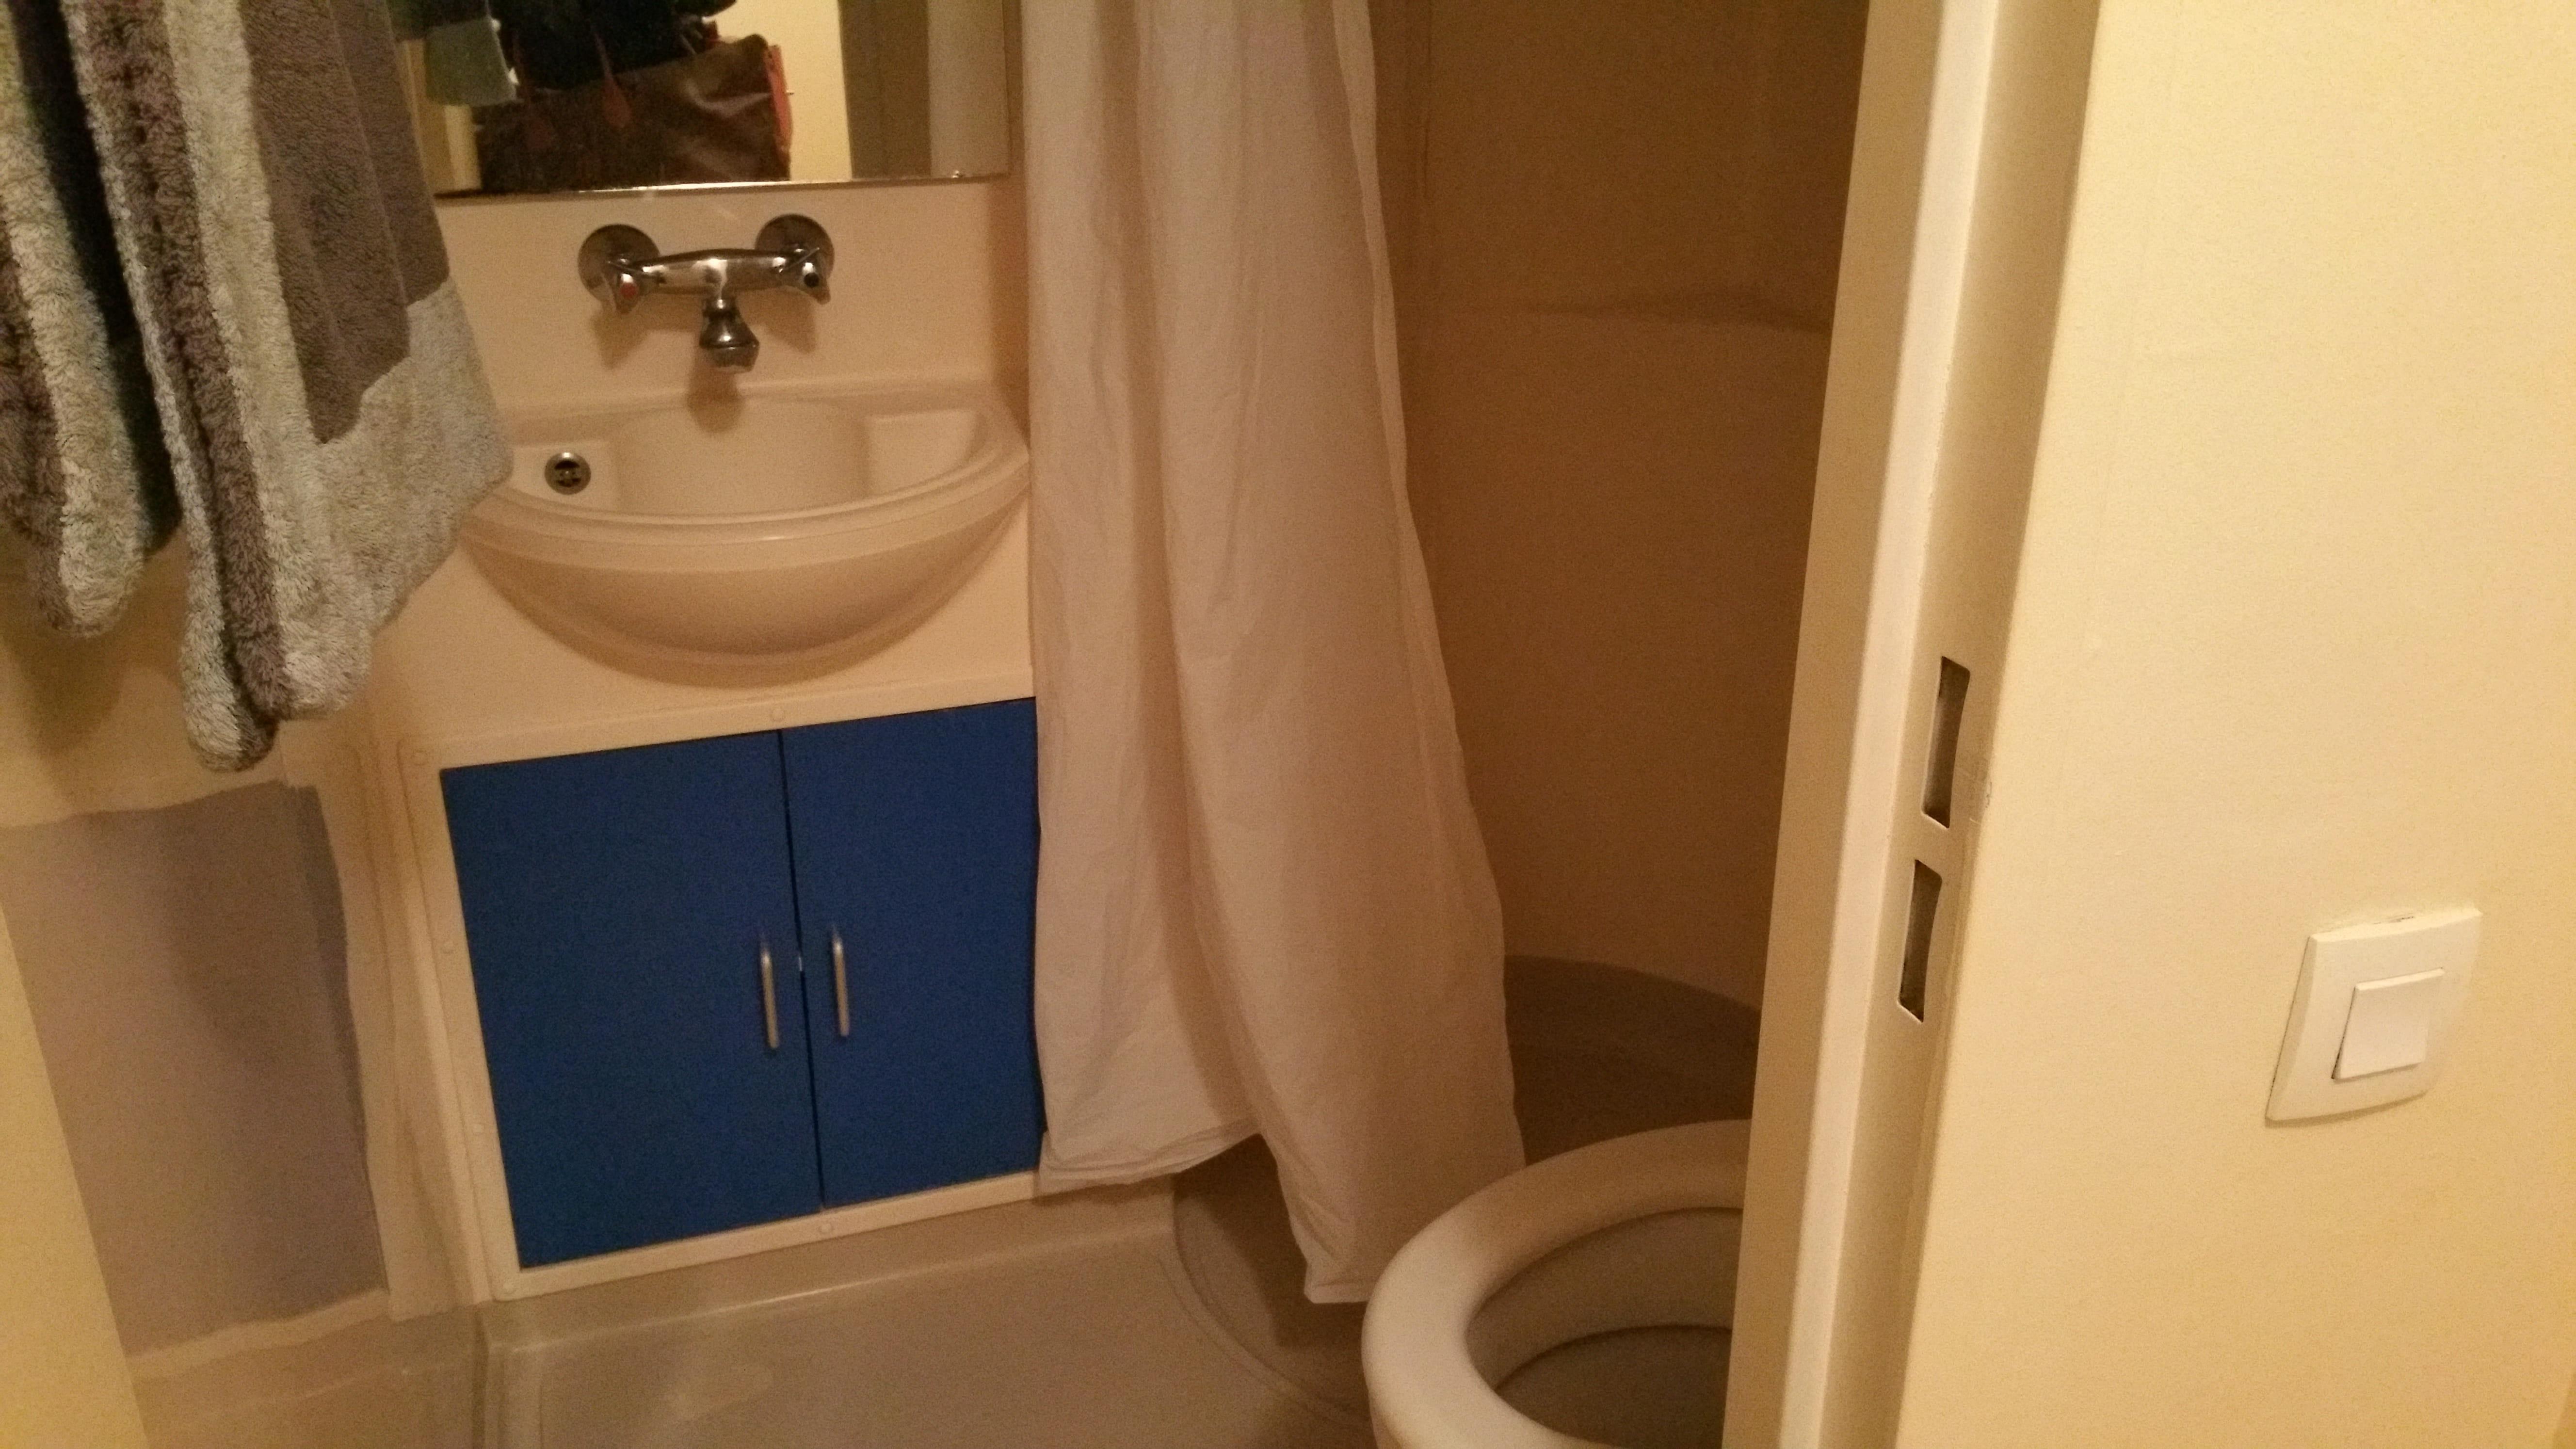 Eclairage d'appoint petite salle de bain [Résolu] - Idées déco ...